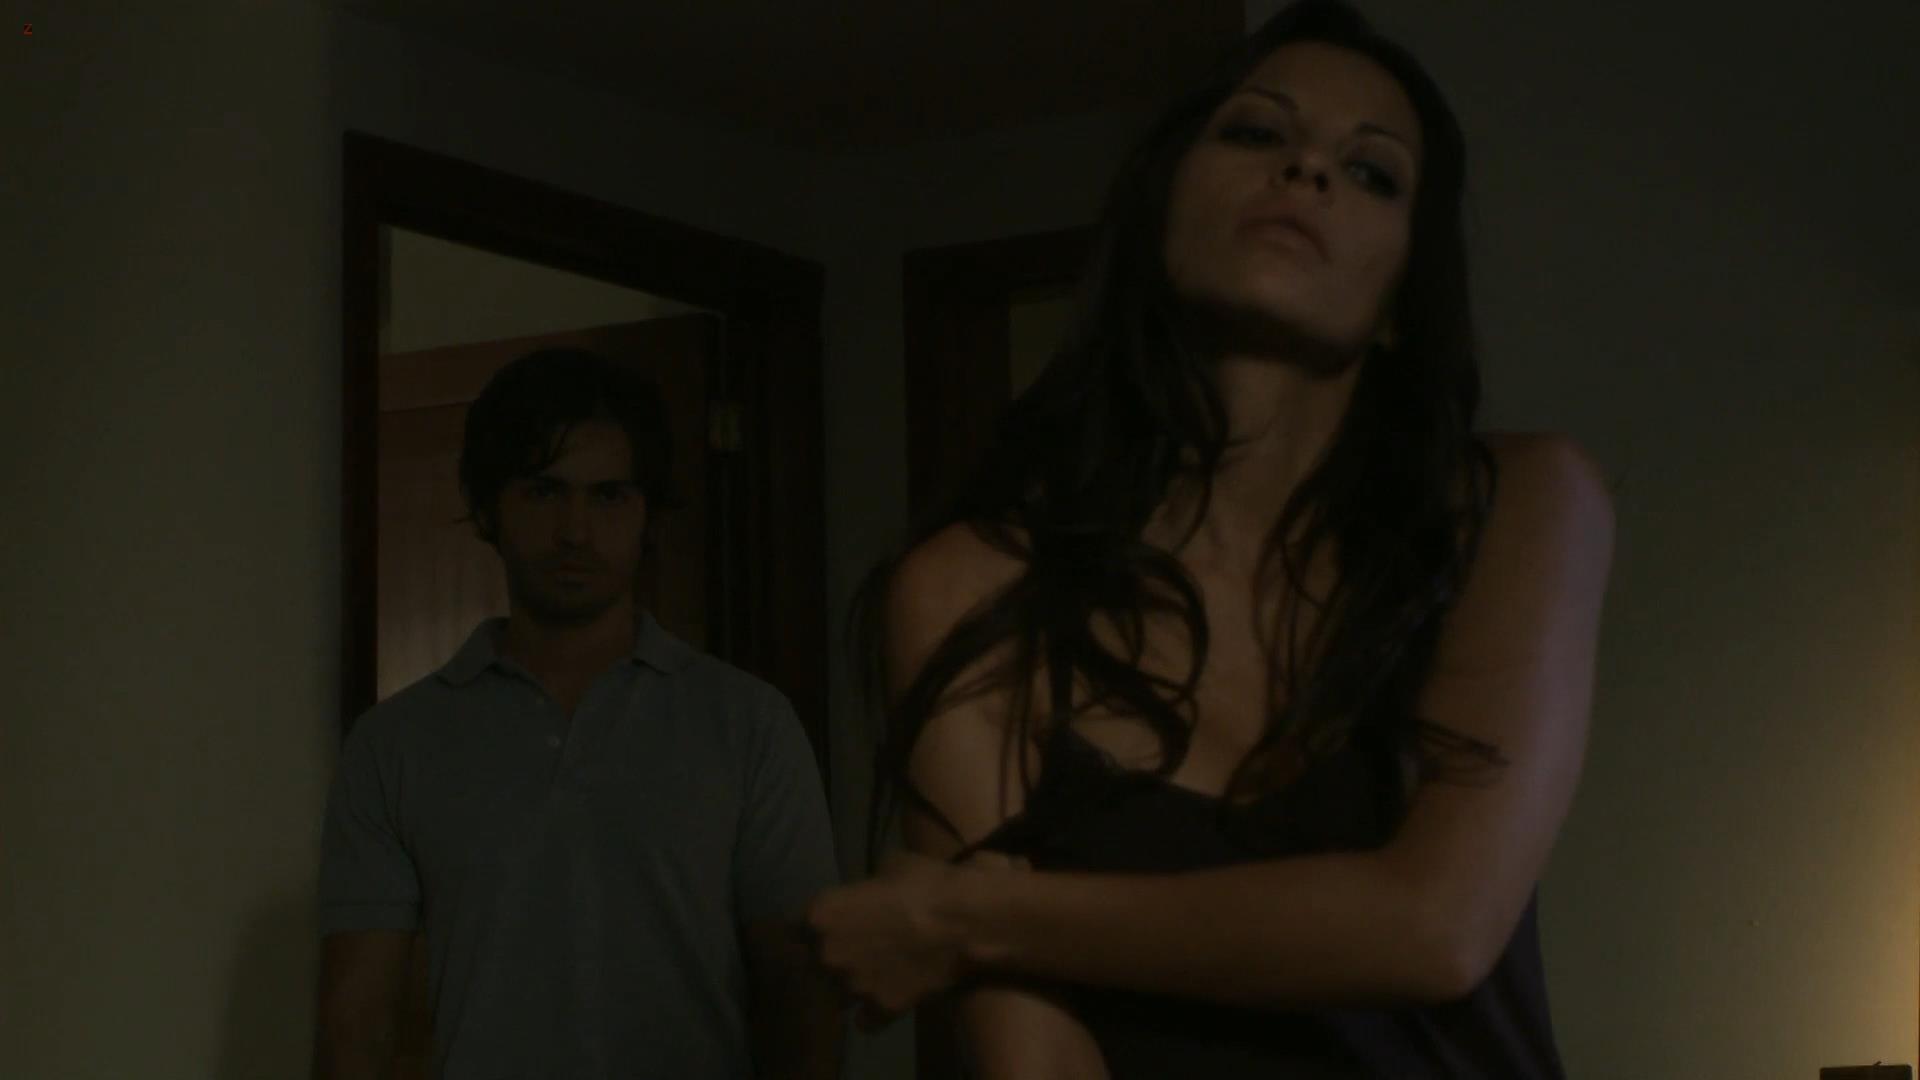 Elizabeth cervantes nude boobs bush oscura seduccion movie naked (79 image)